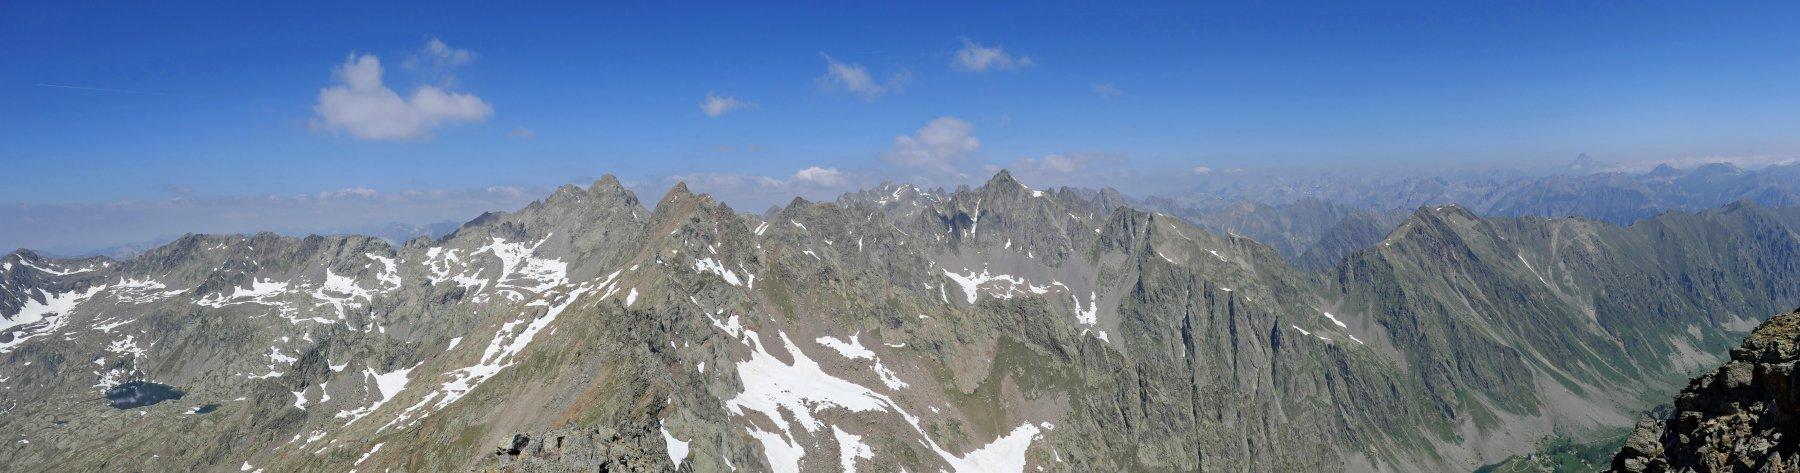 Panoramica dalla cima di Laroussa